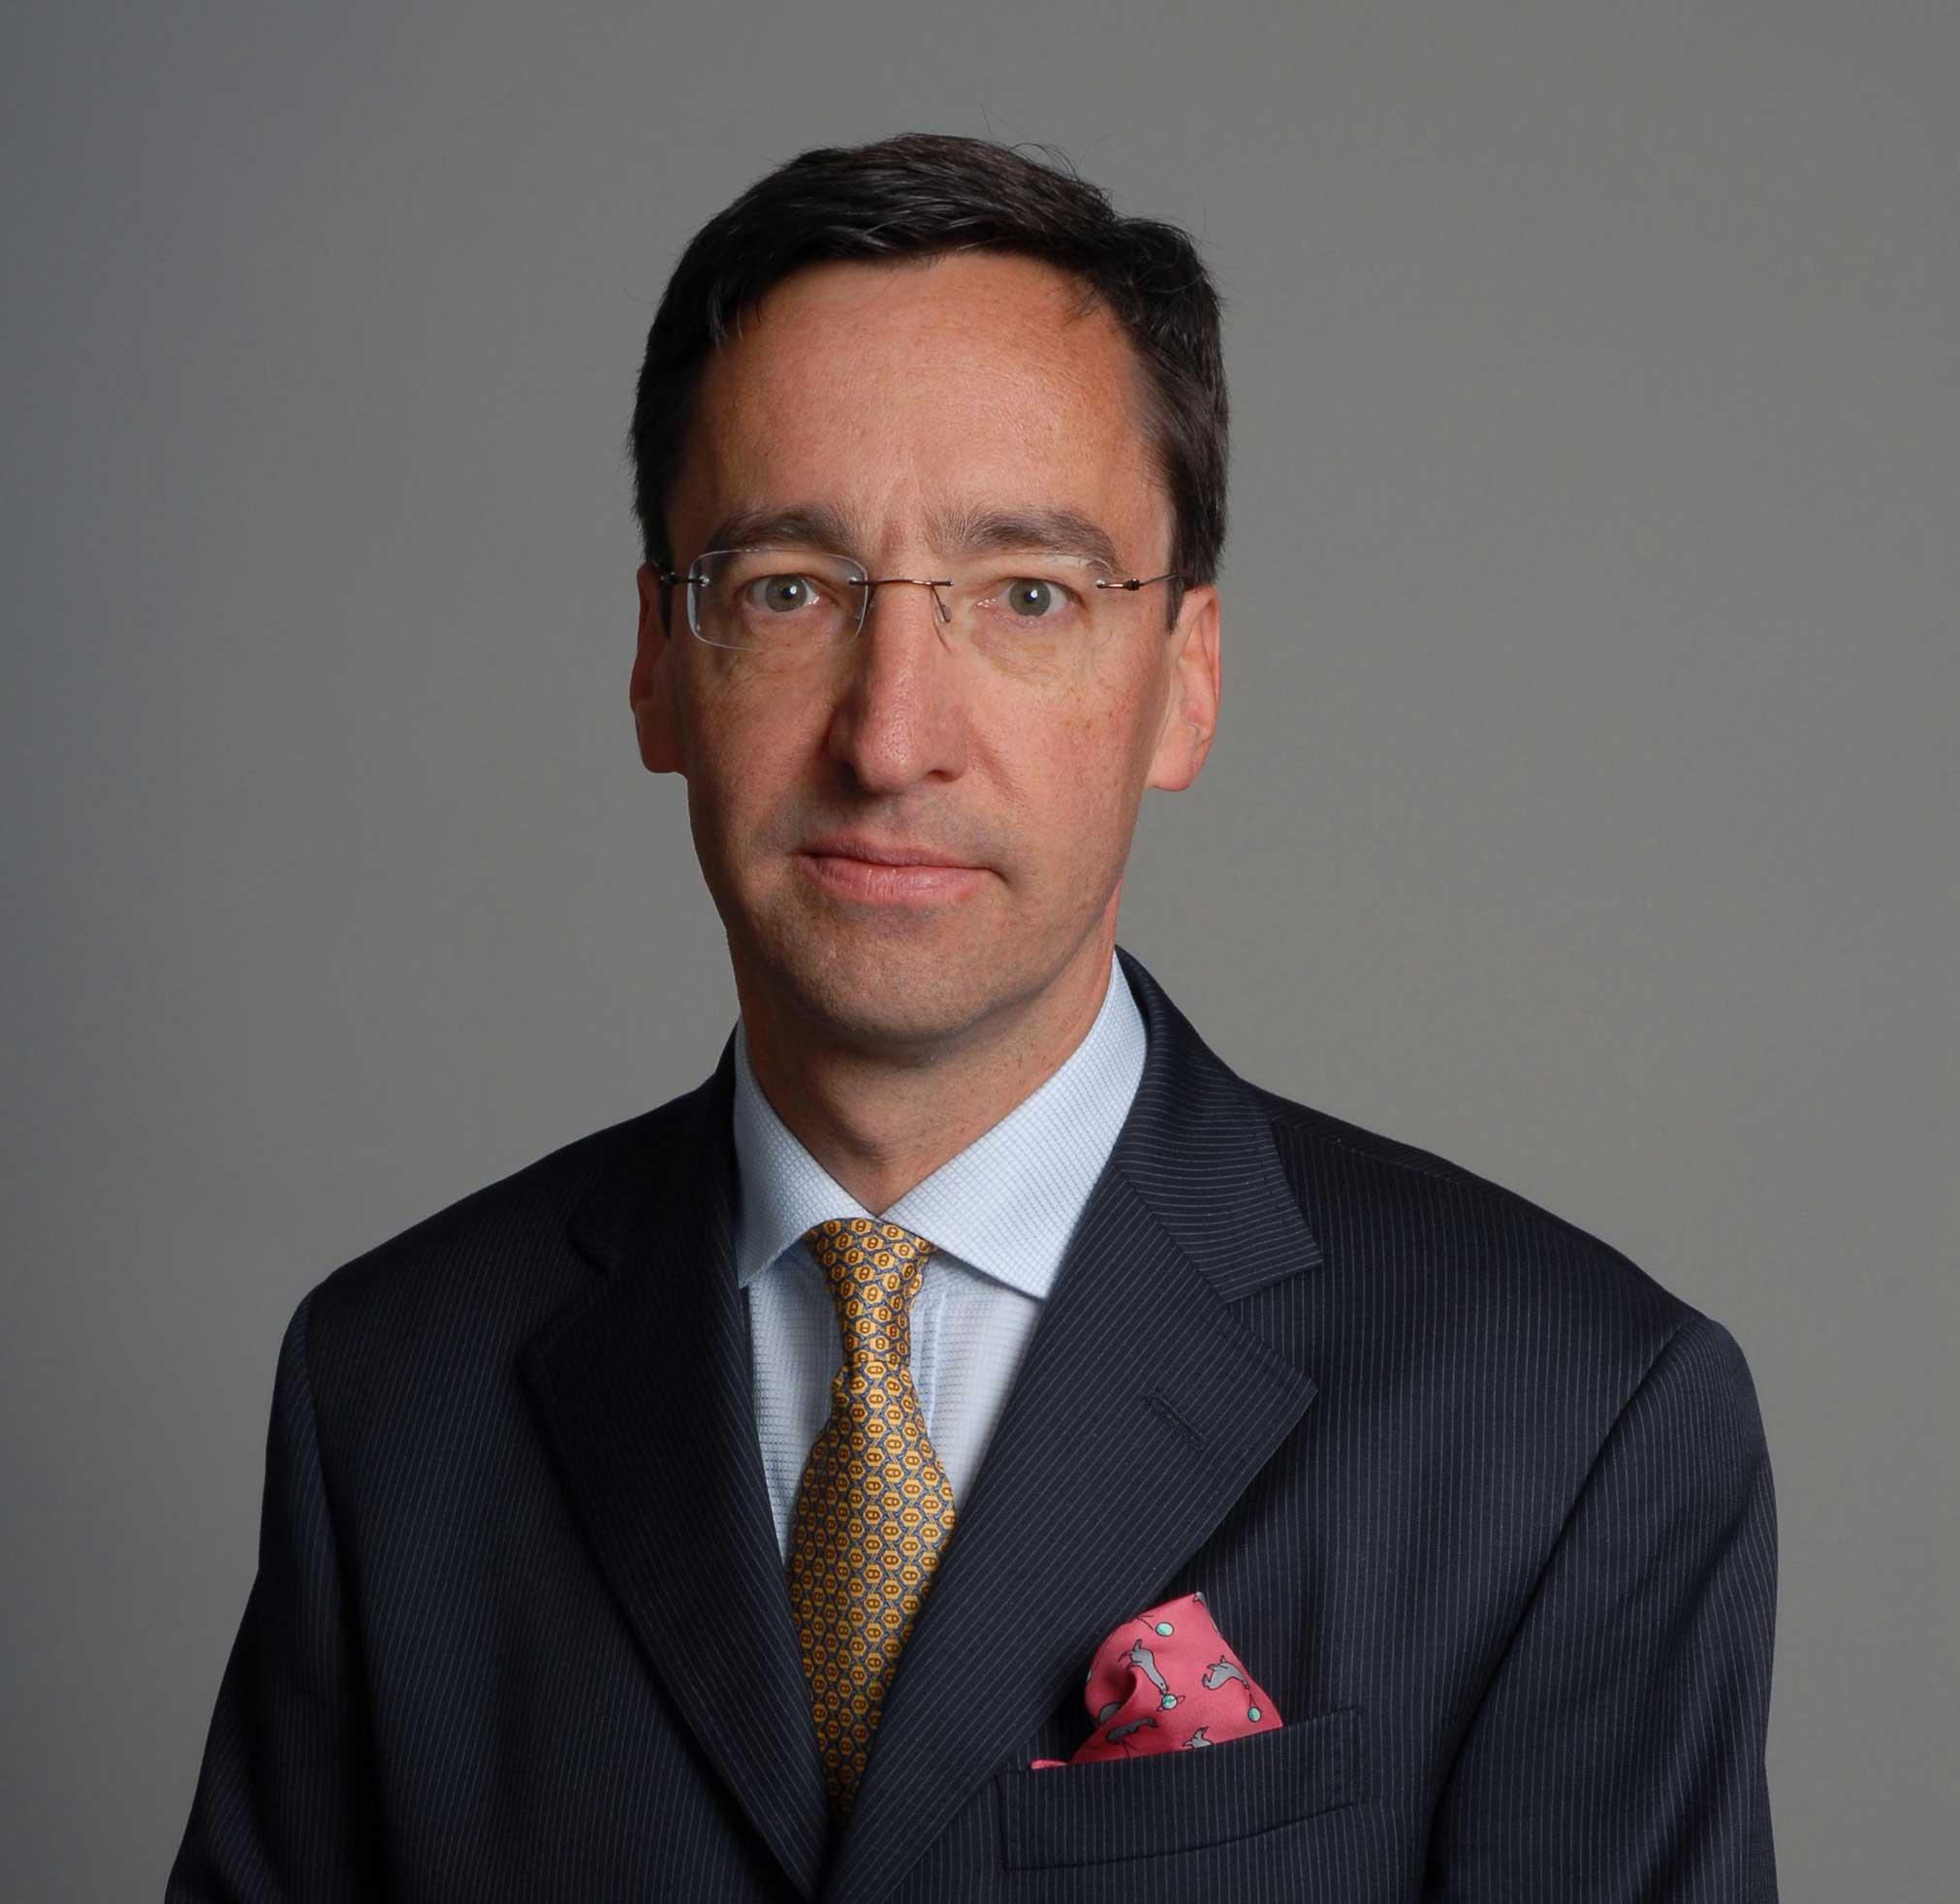 Laurent Marquet de Vasselot, CMS Francis Lefebvre Avocats